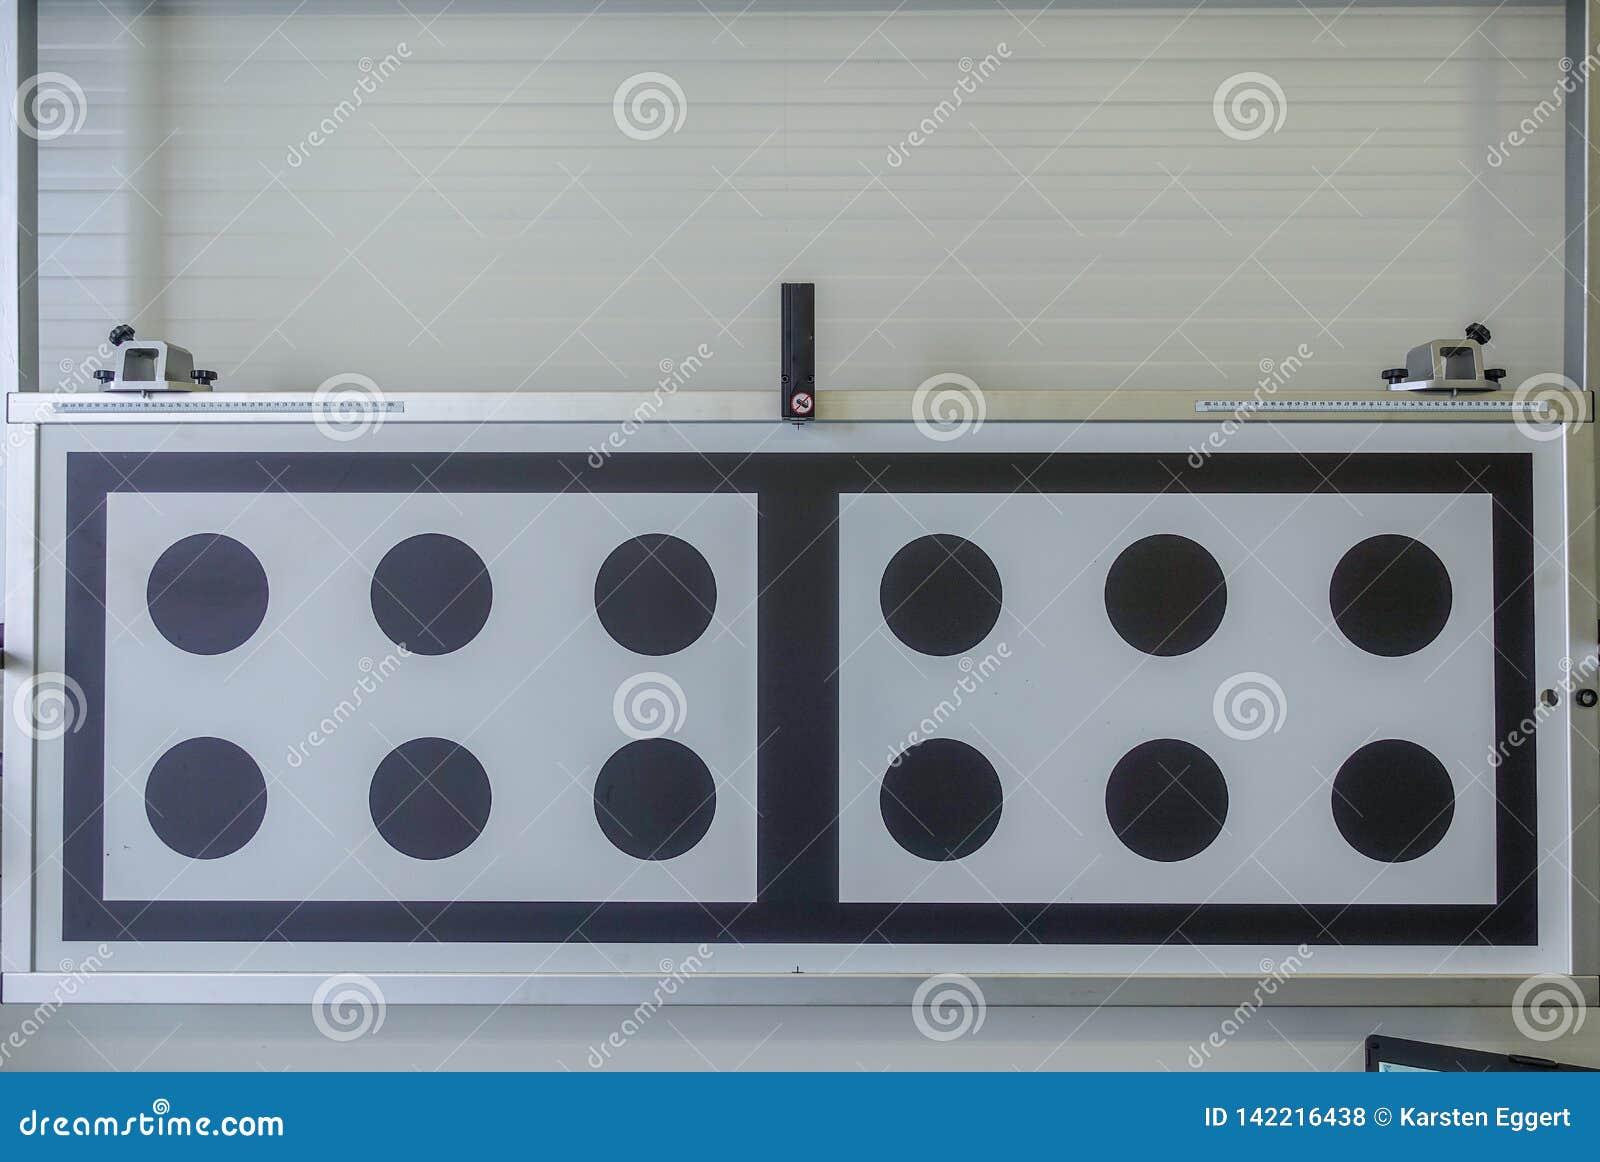 A light test panel in a car repair shop